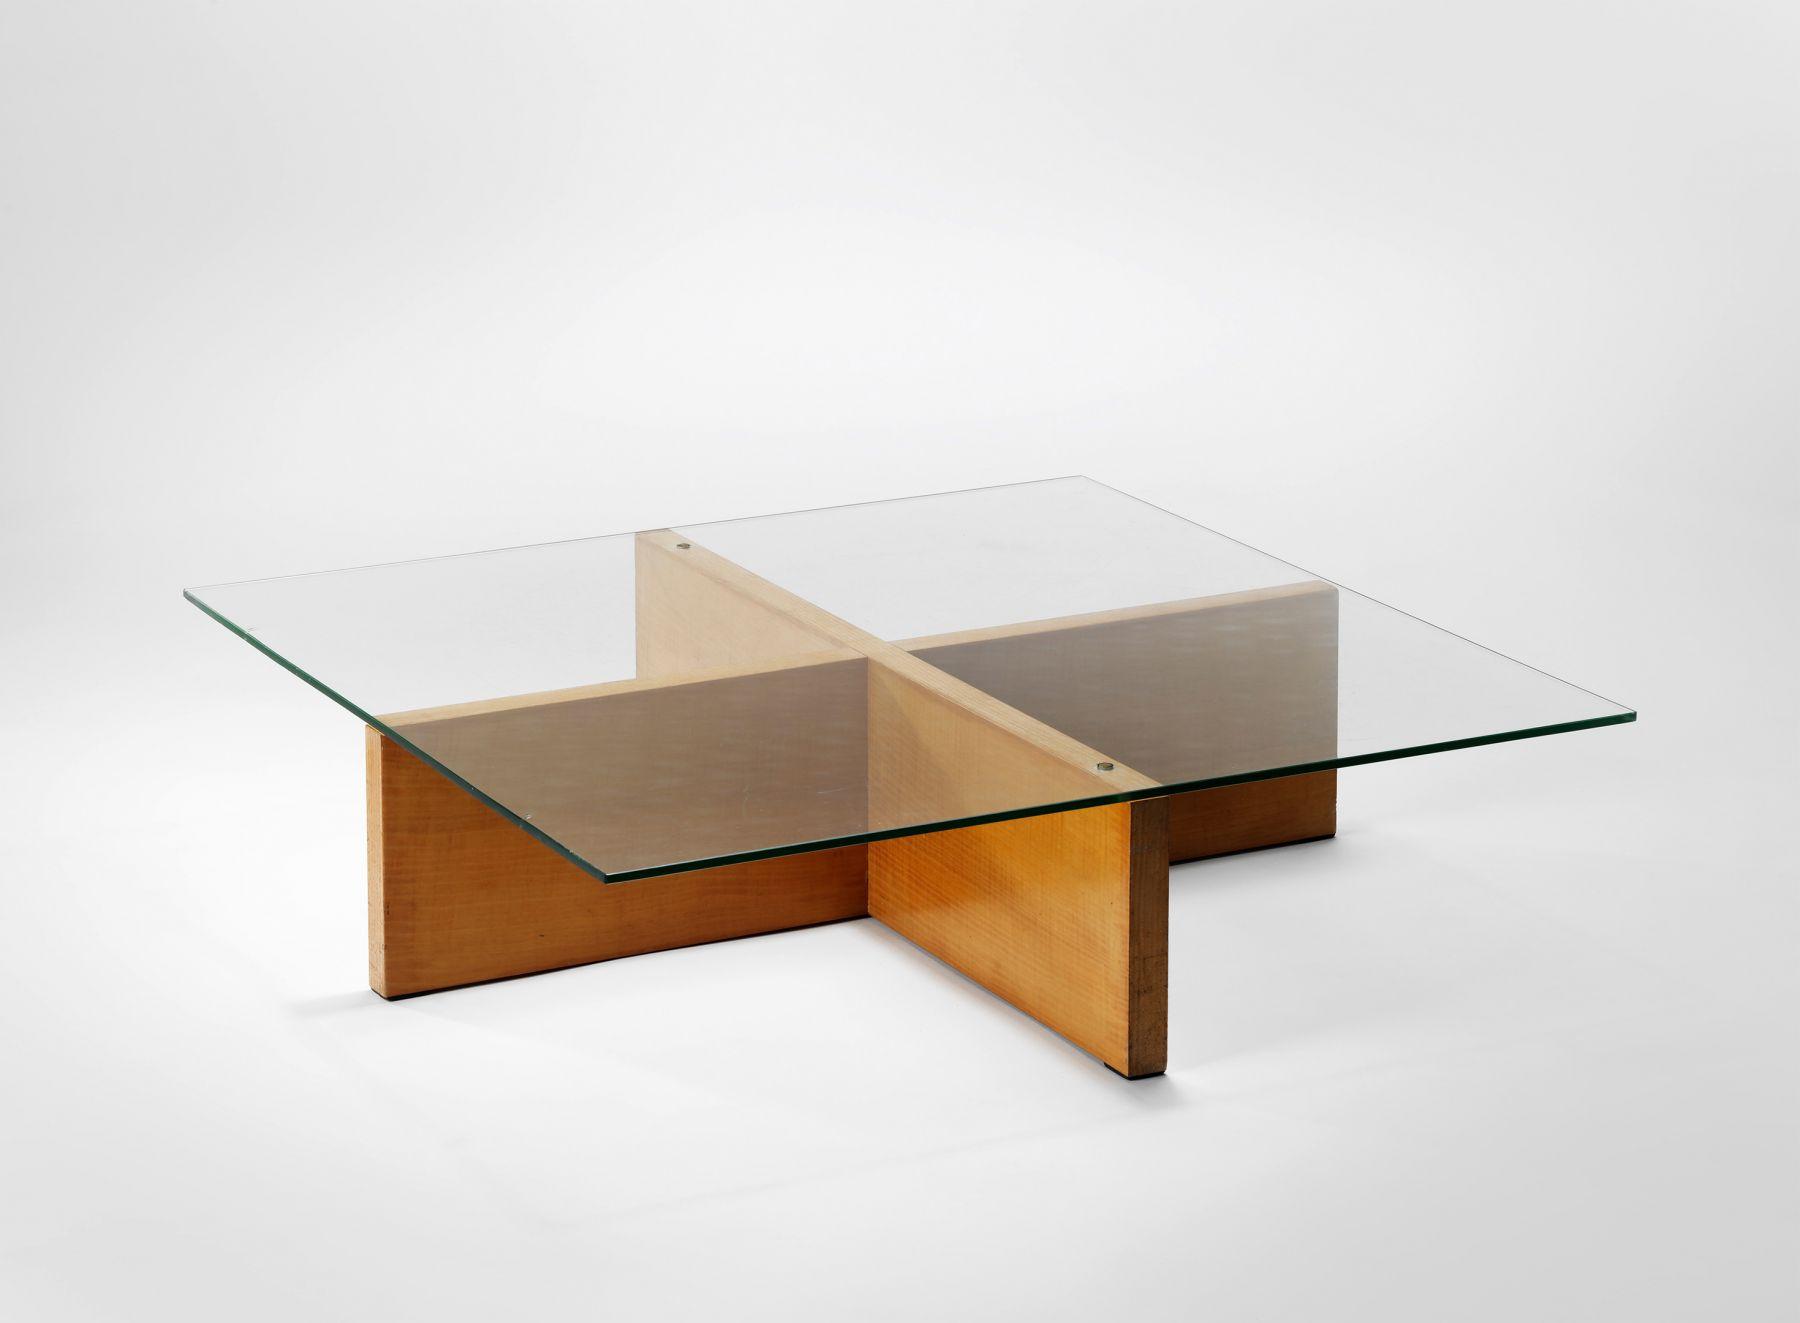 Jacques Dumond | Low Table, c. 1966